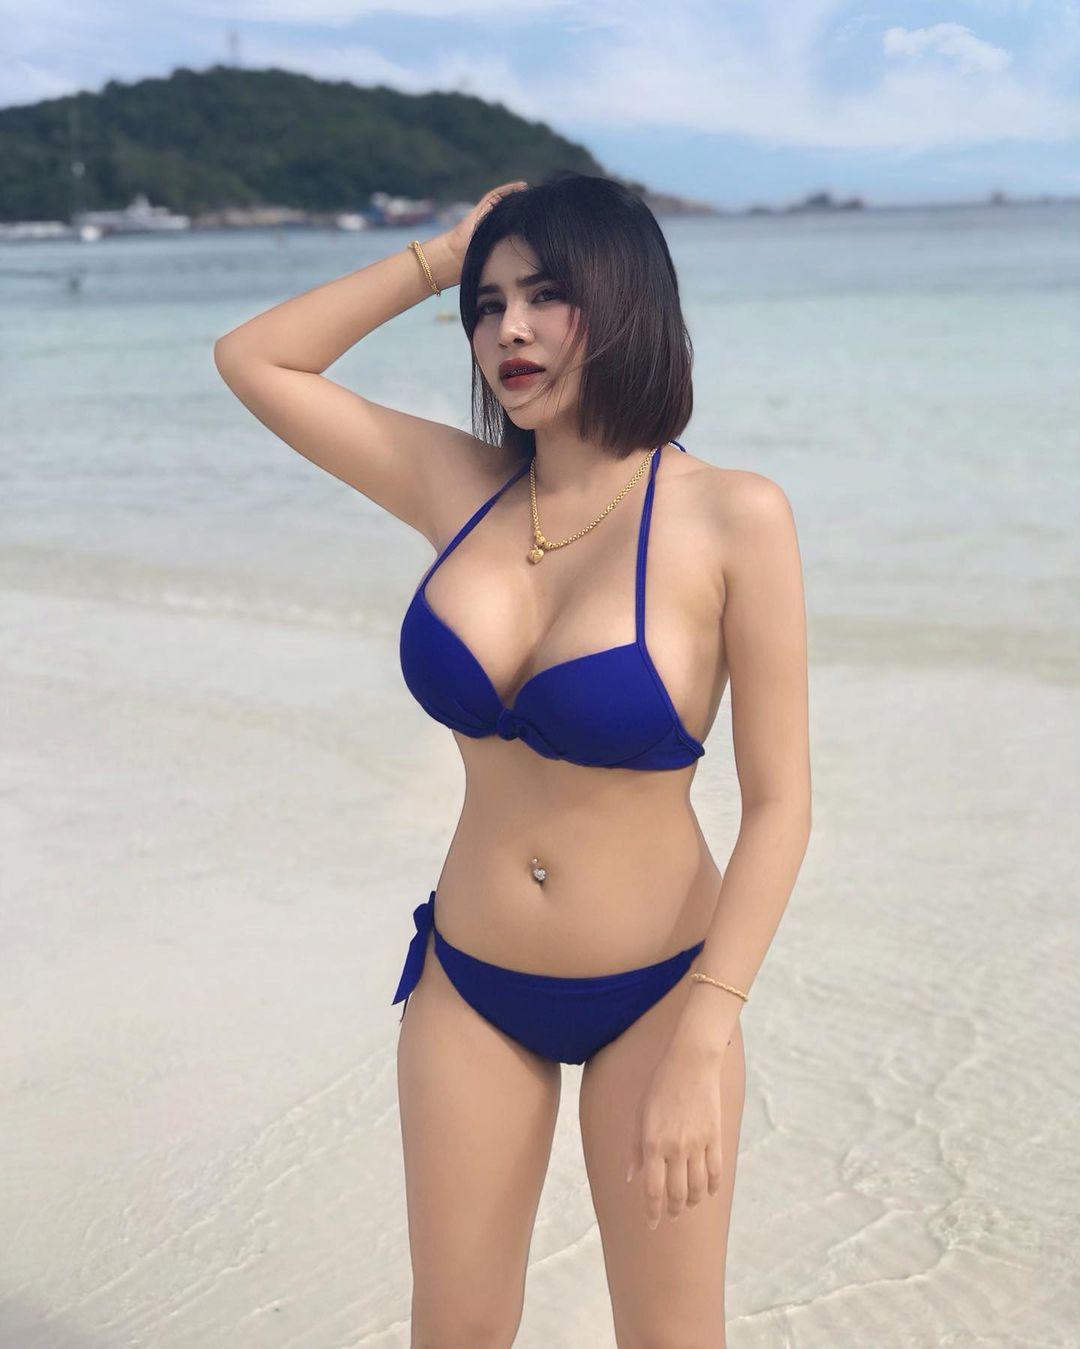 รวมรูปเด็ด น้องน้ำ Phatchareewan Kabthong สาวเซ็กซี่